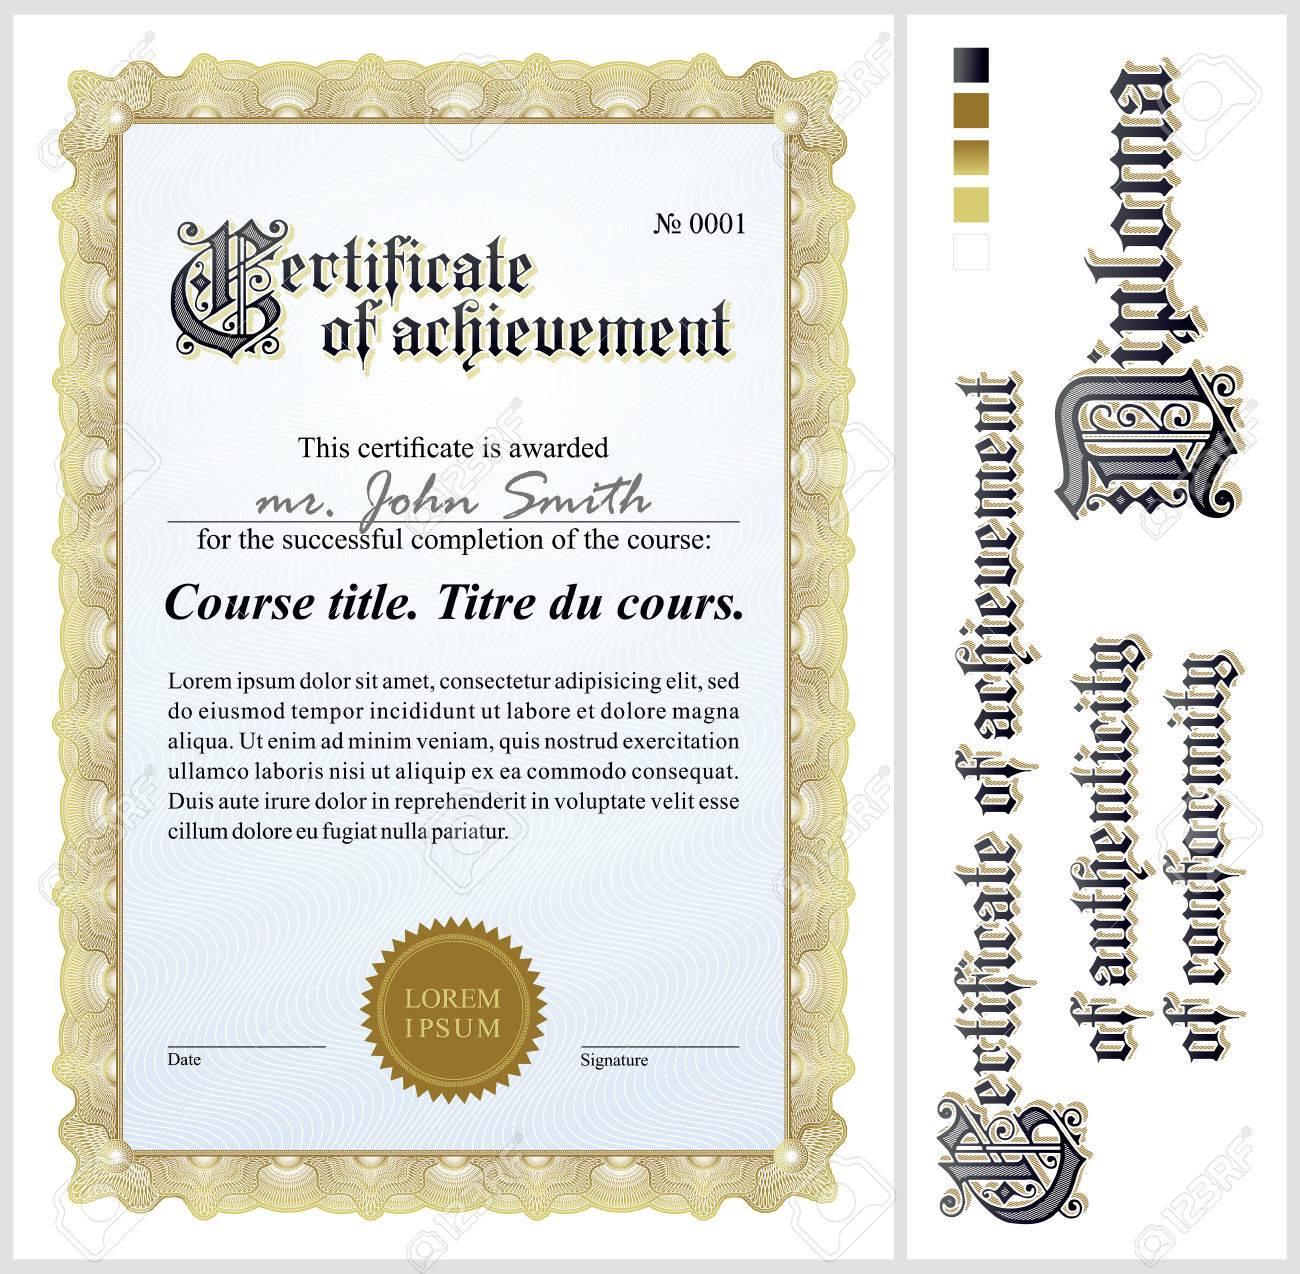 Share certificate template template share certificate 13 100 shares certificate template share certificate of 29378991 gold certificate share certificate template xflitez Choice Image